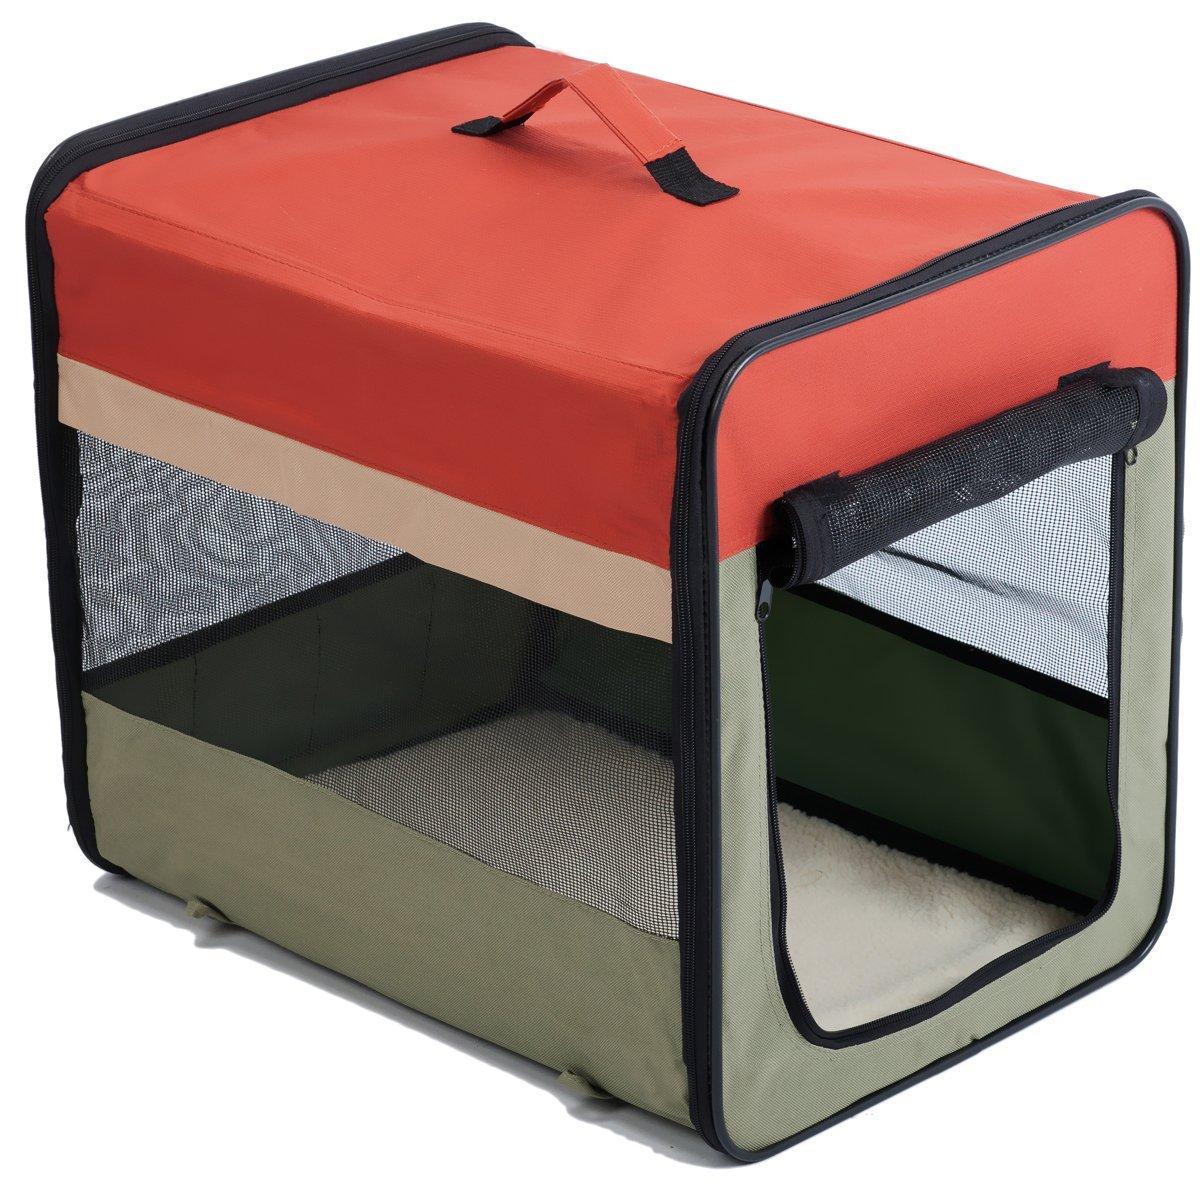 Favorite Soft-Side Vet Visit Travel Foldable Pet Carrier 36''L x 26''W x 29''H, XL